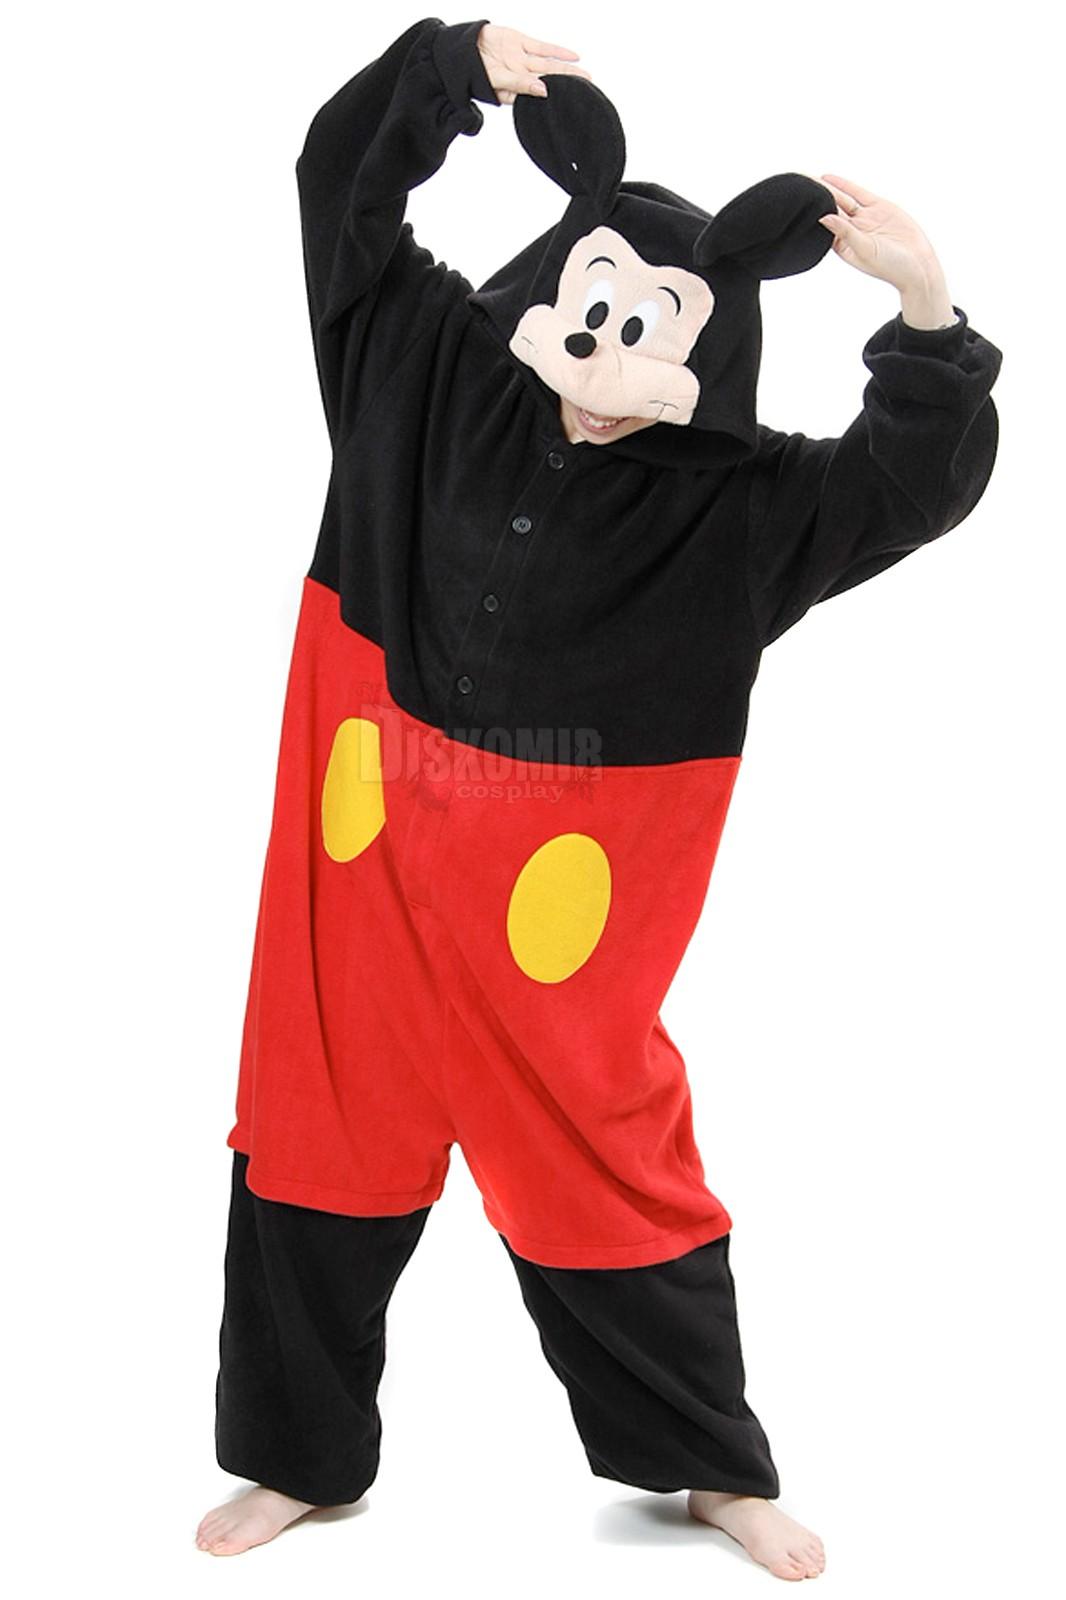 Фотография большая Кигуруми Микки Маус   Kigurumi Mickey Mouse из аниме и  манги Кигуруми 893f64a433166